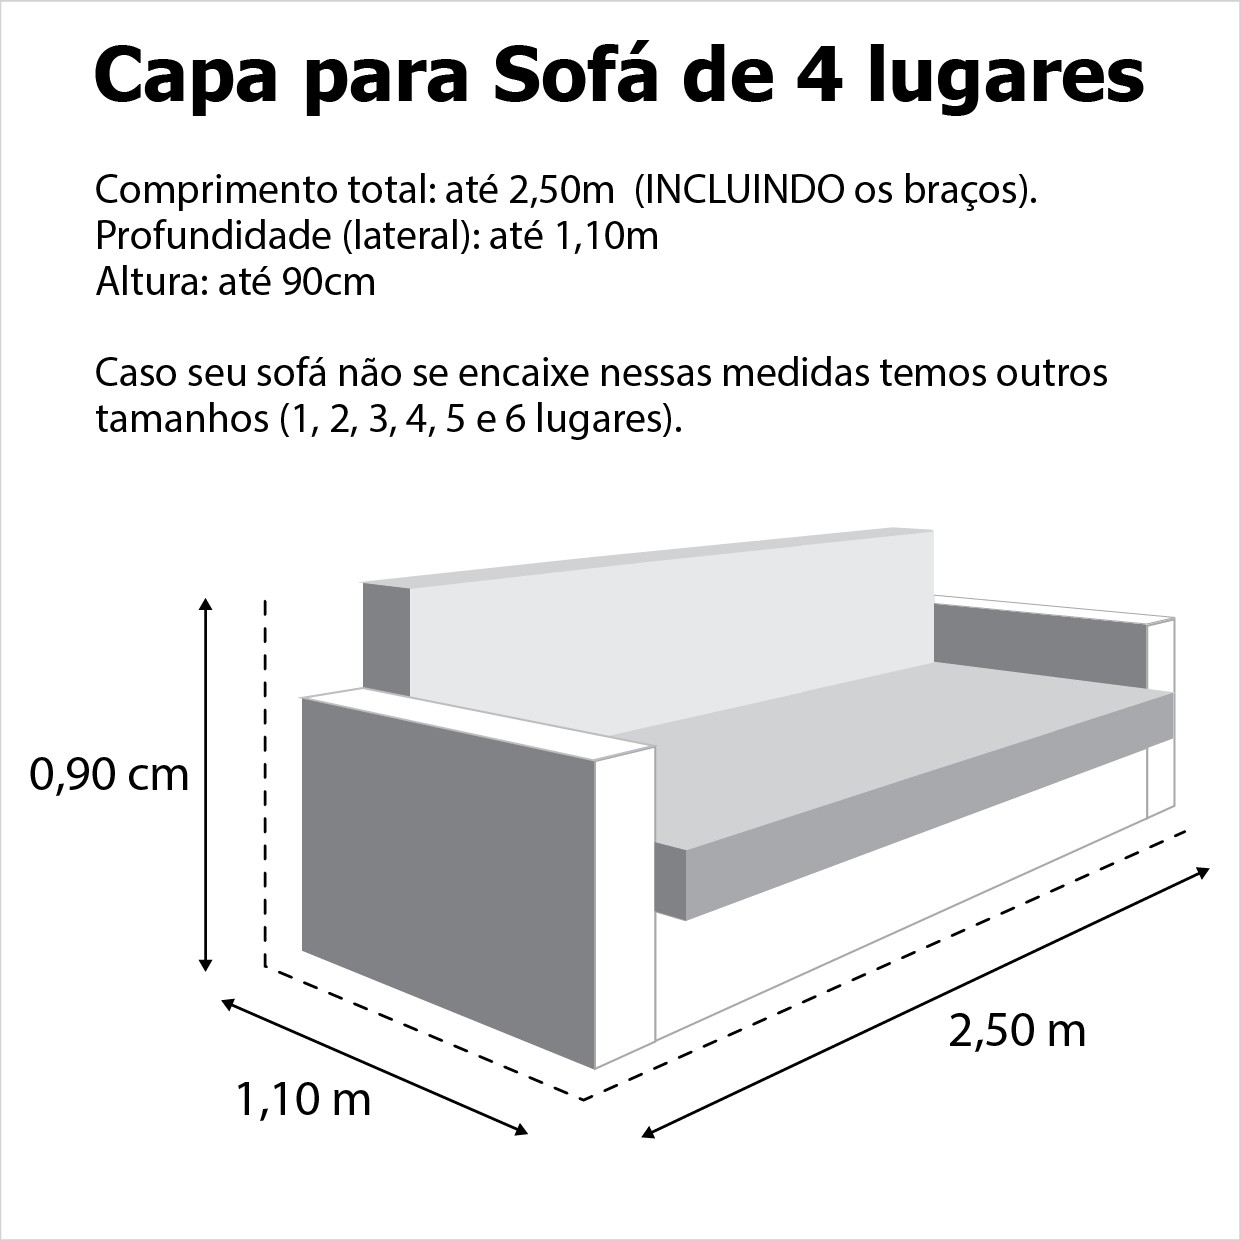 Capa p/ Sofá de 4 Lug GRAFITE em Brim